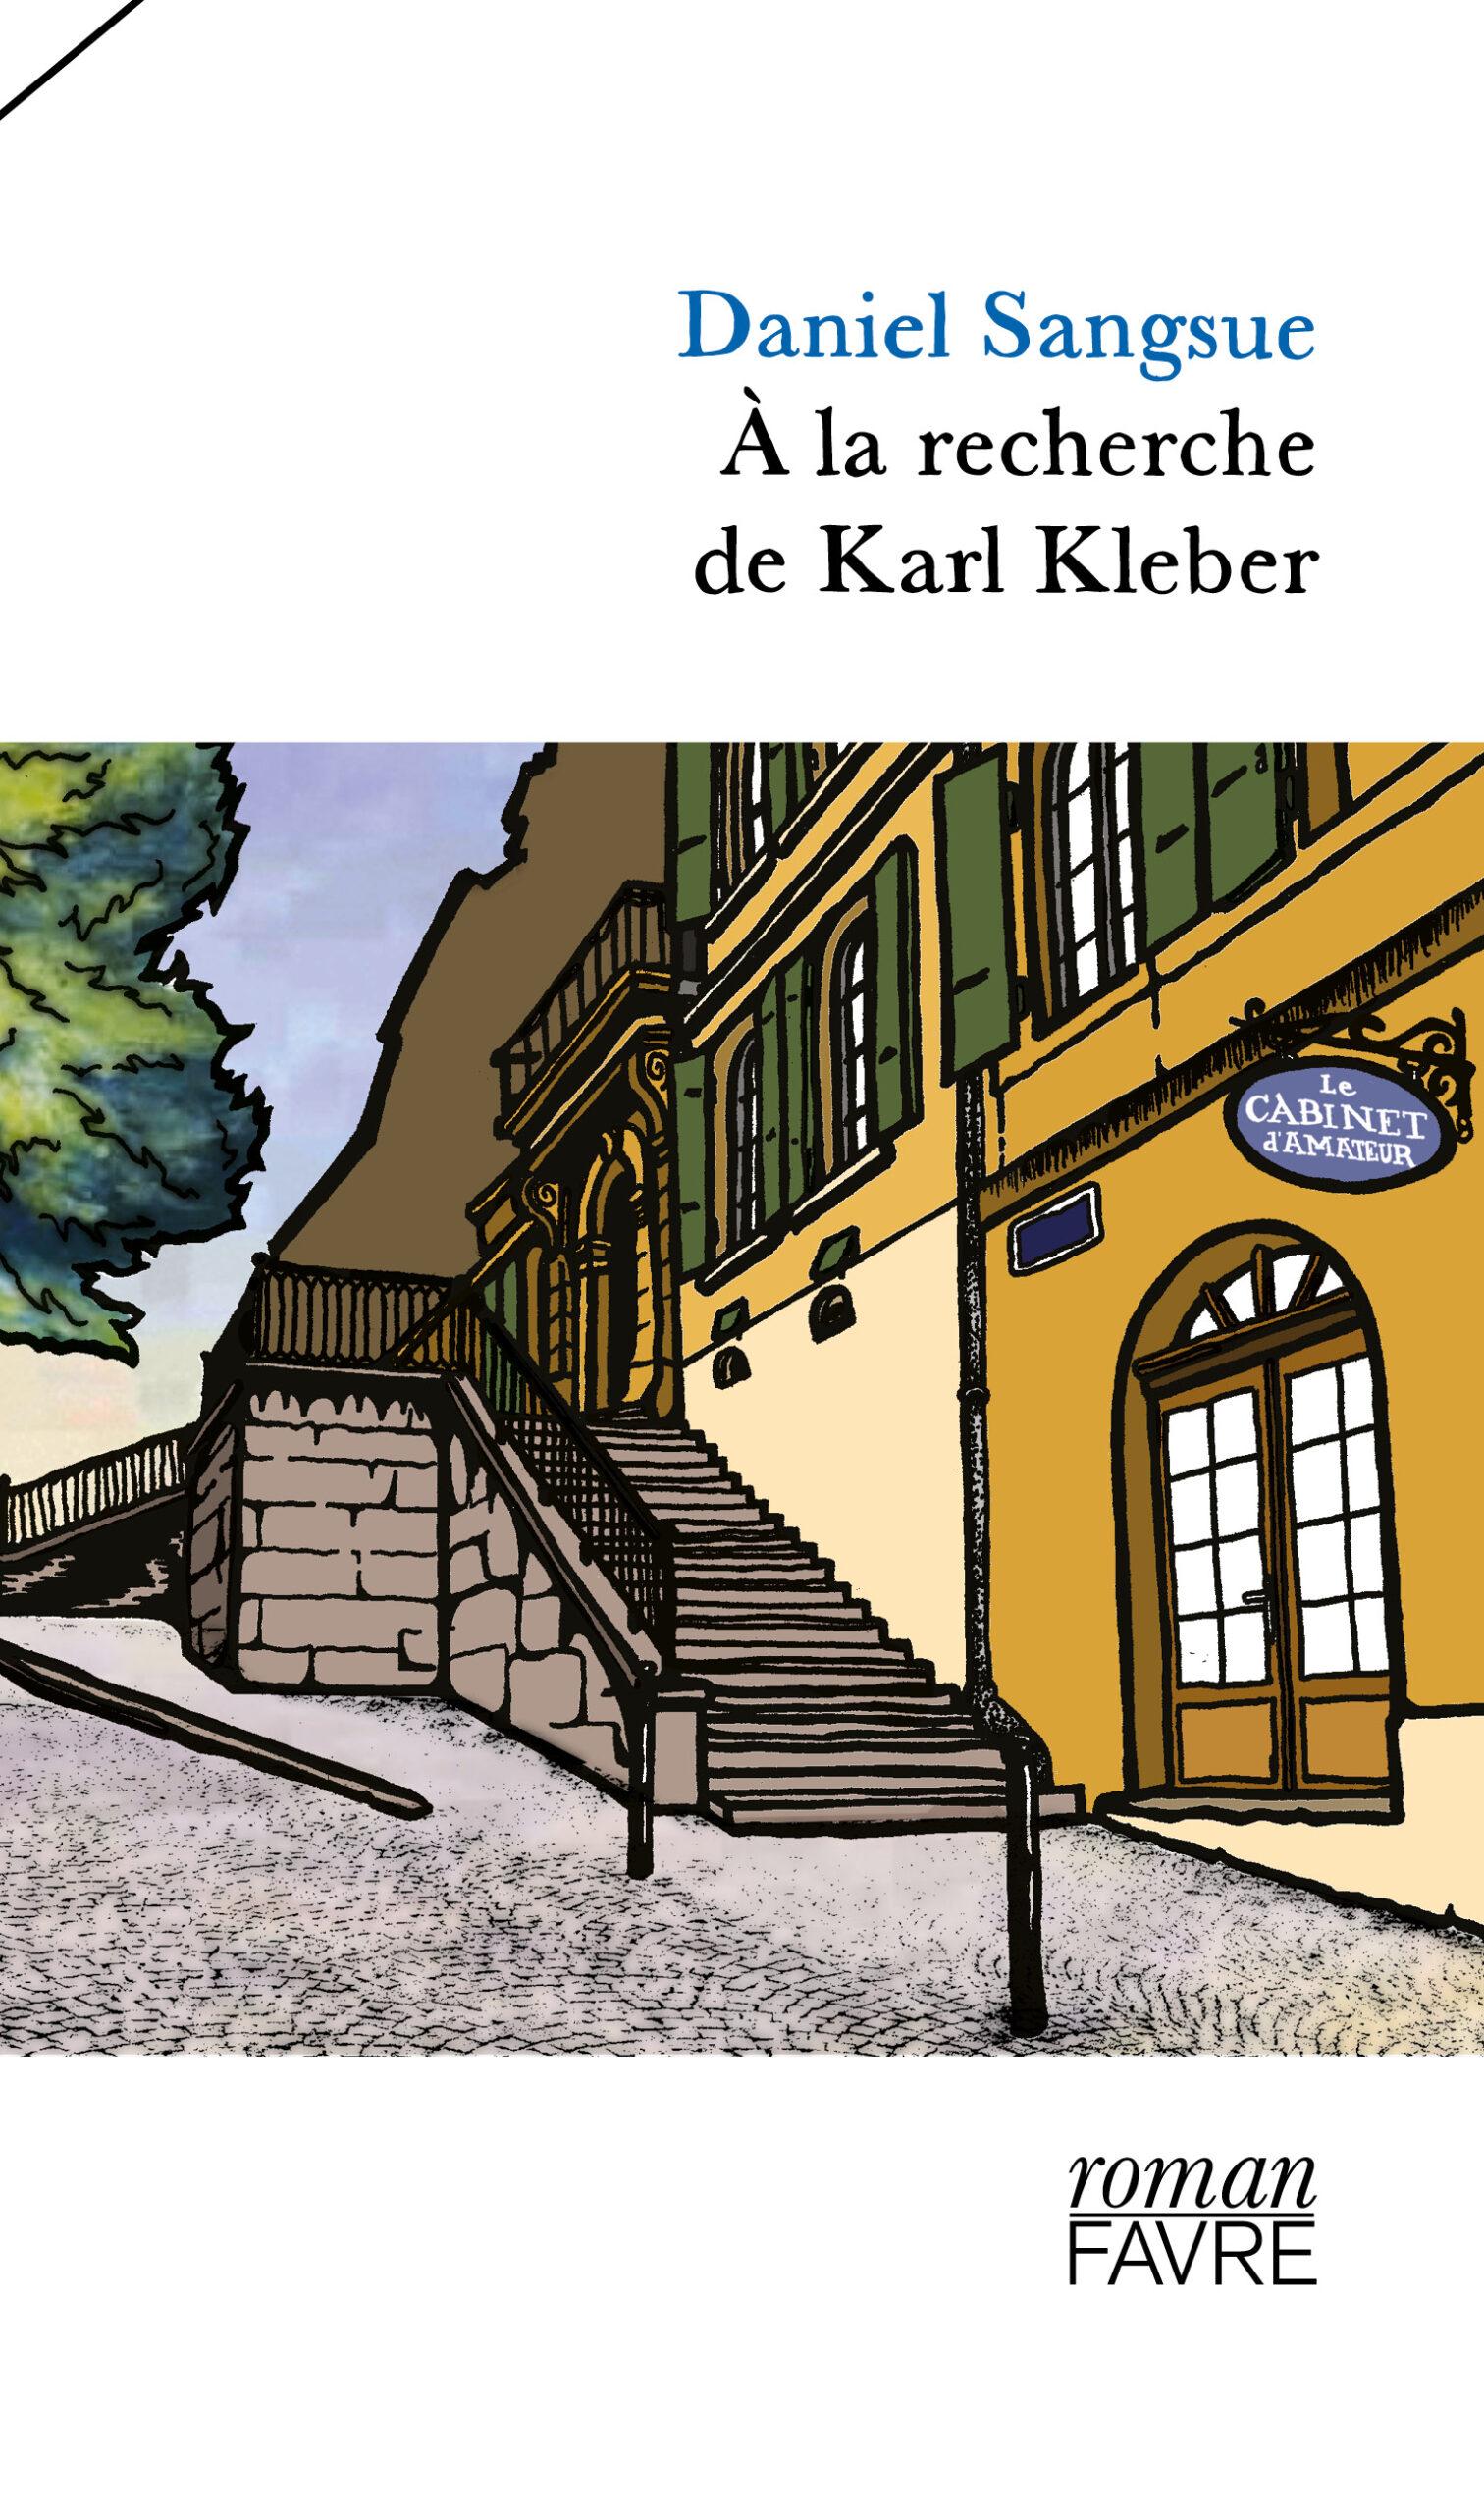 A la recherche de Karl Kleber, Sangsue, Daniel